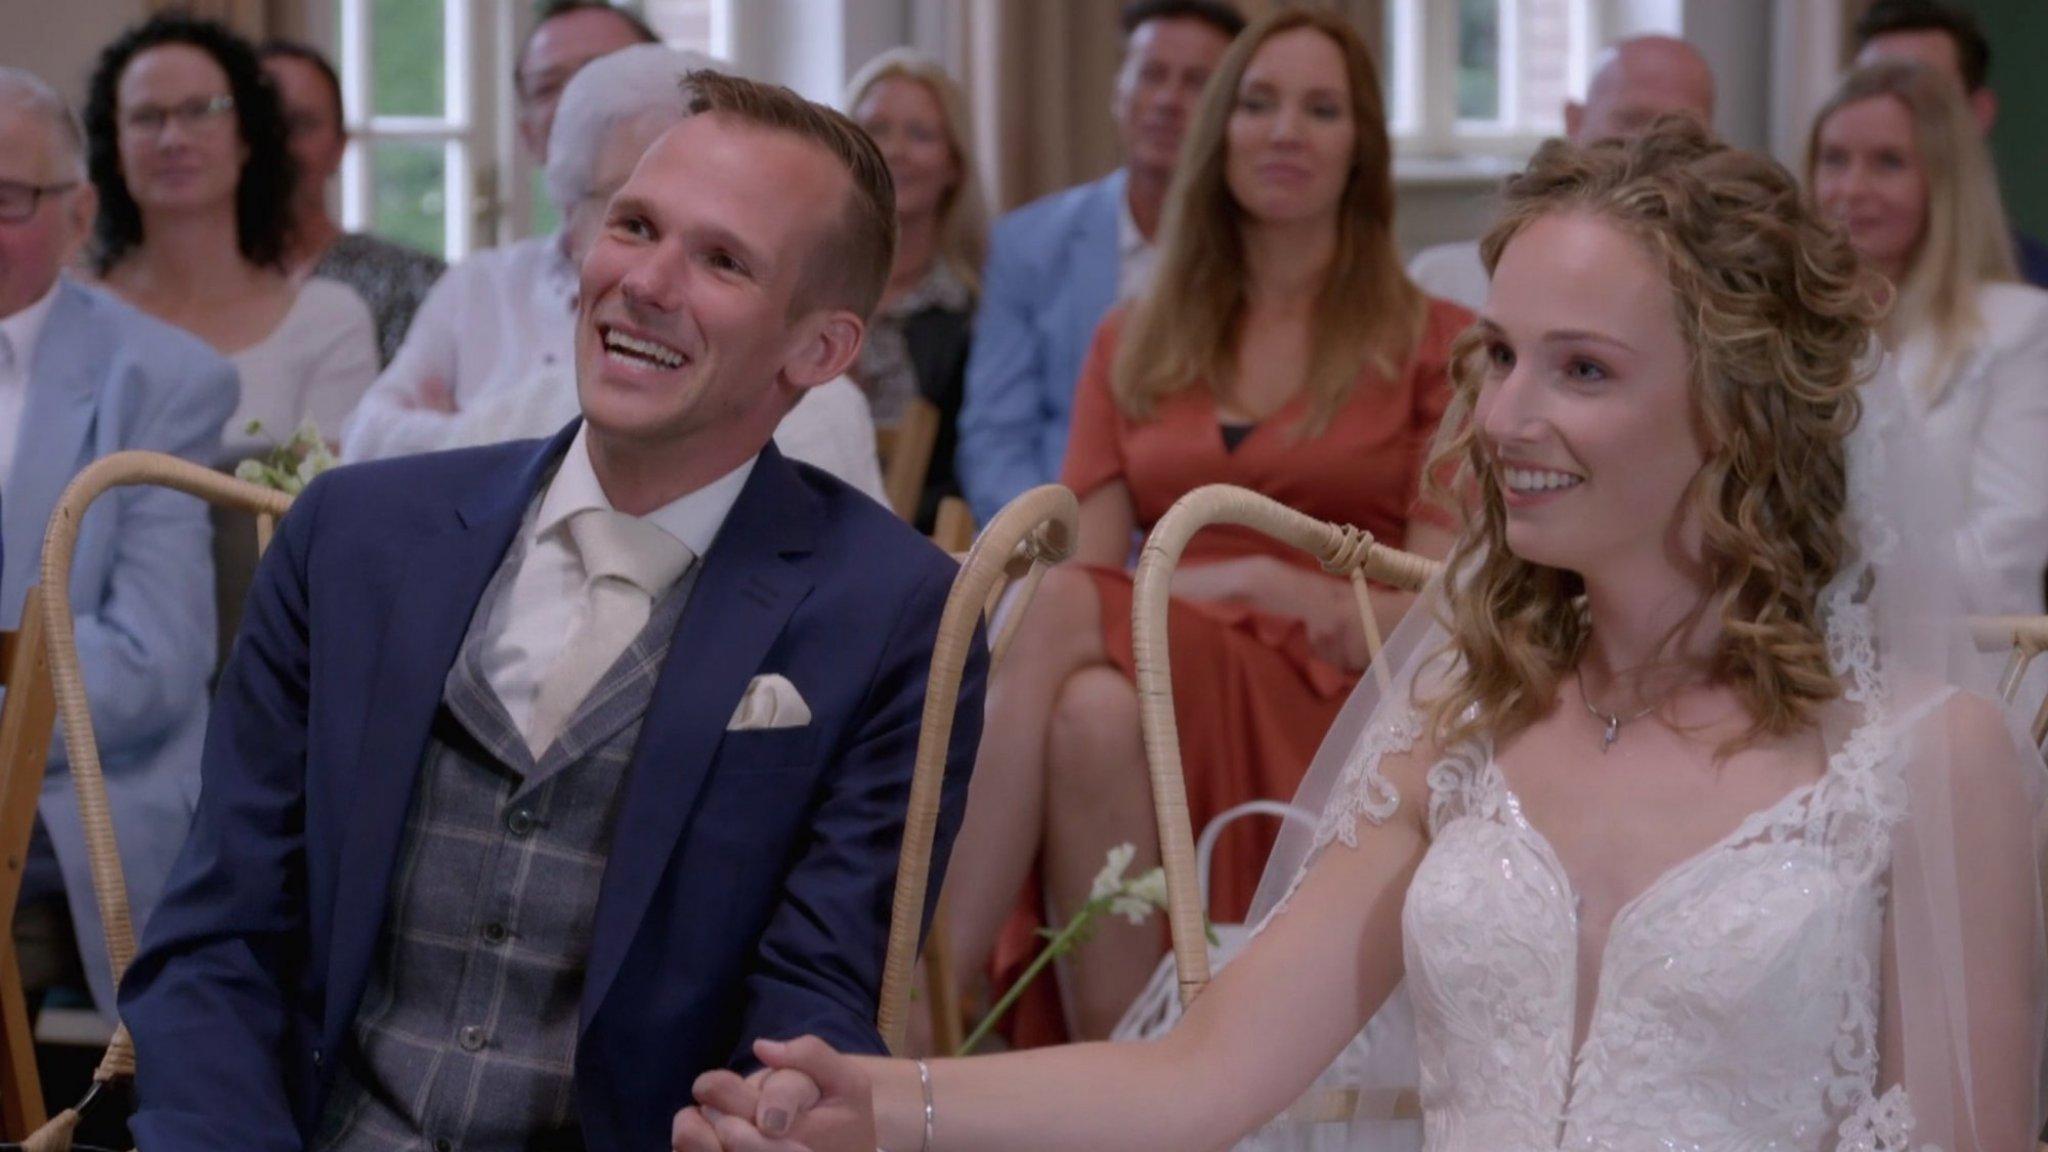 Ouders Lars uit Married at First Sight zien gezinsuitbreiding wel zitten - RTL Boulevard